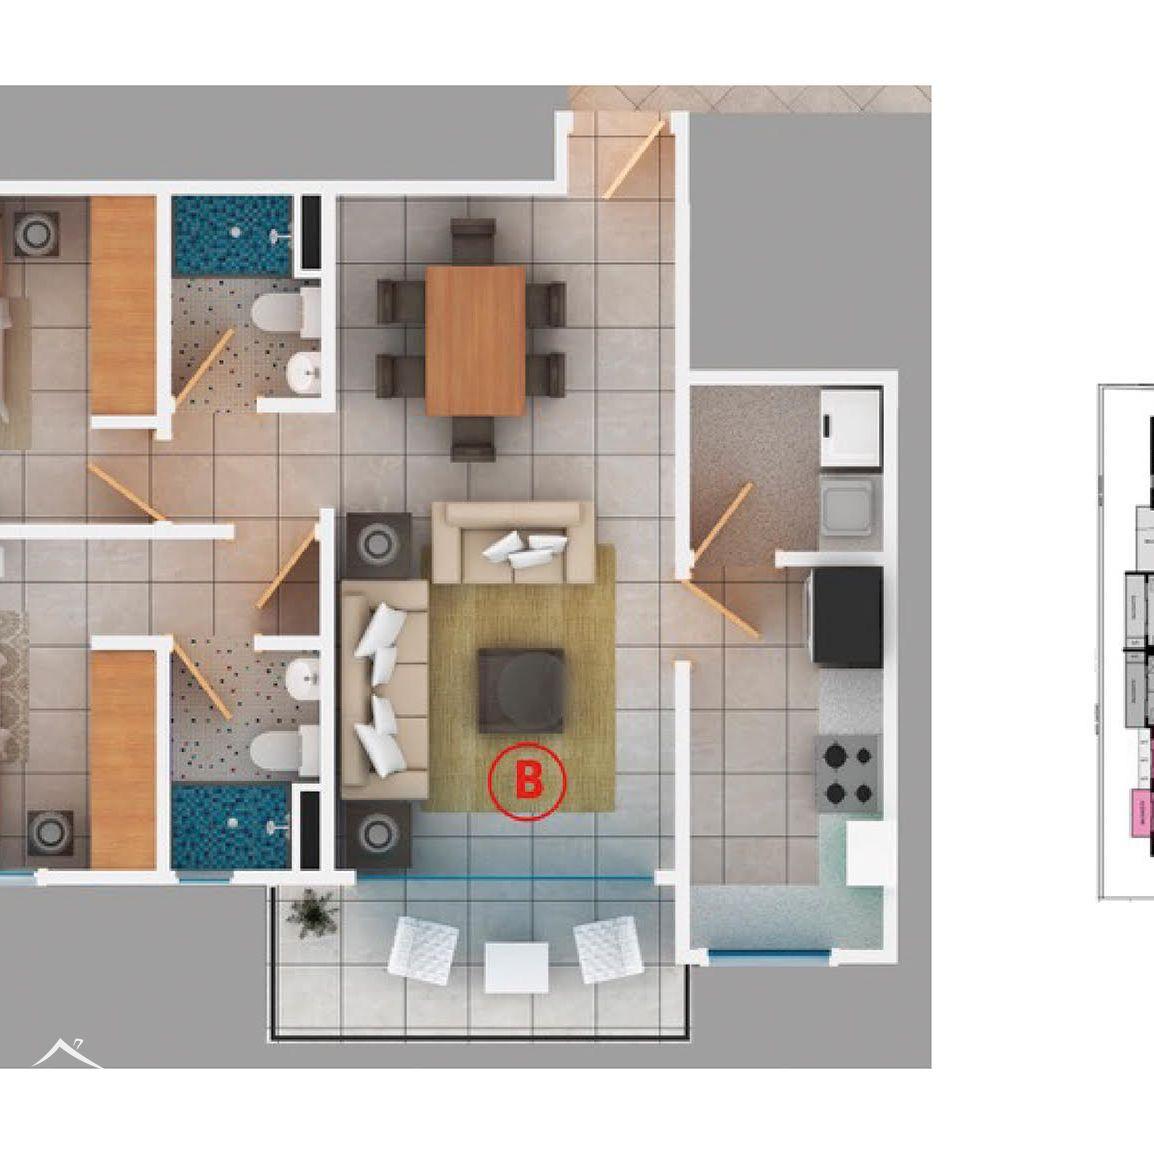 Proyecto de 1 y 2 habitaciones en venta en céntrico sector de Naco 153198